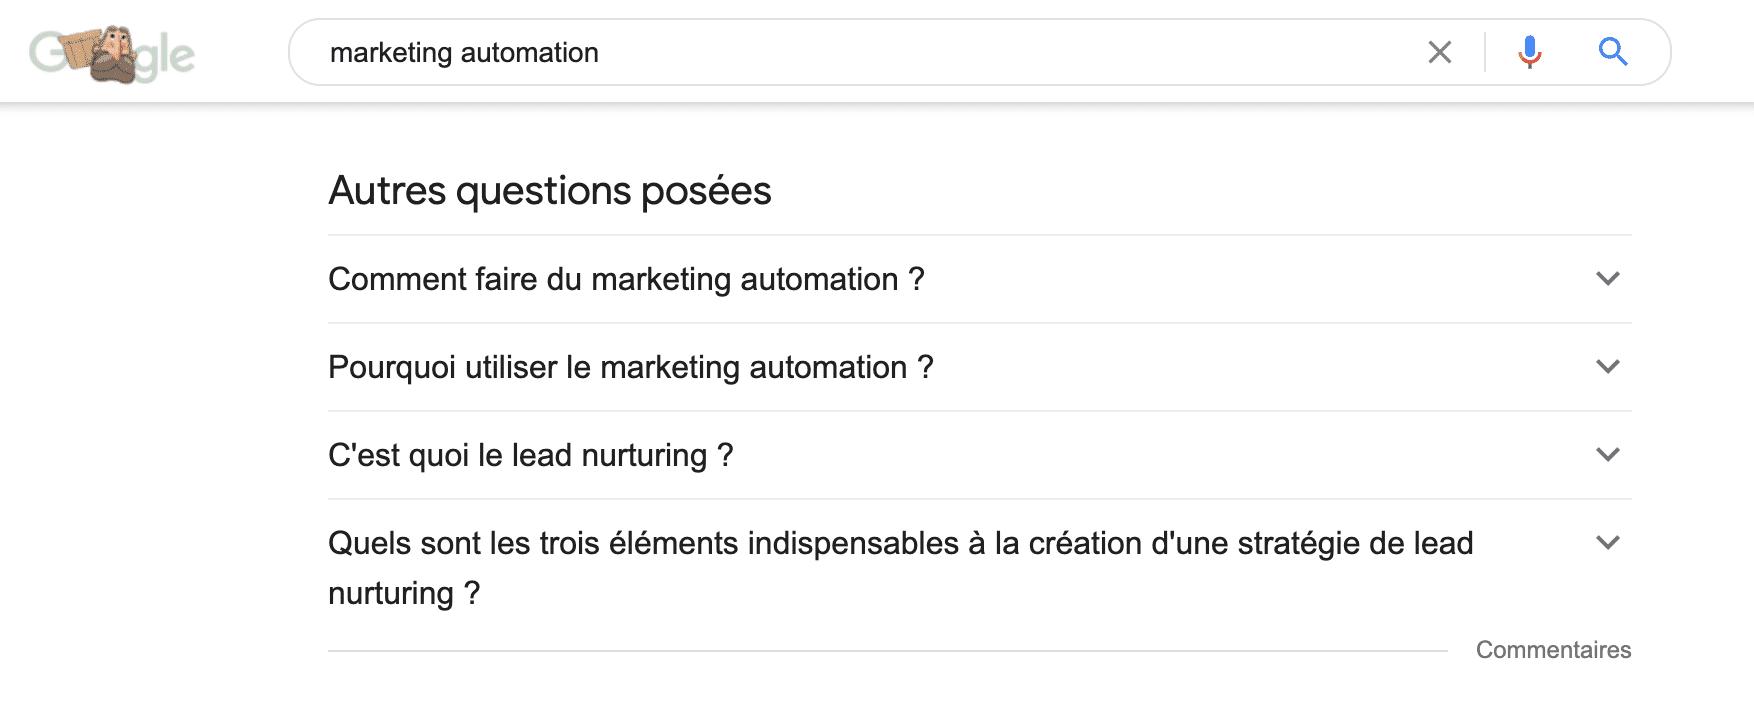 """exemple de la section """"autres questions posées"""" sur la page de résultats de la requête """"marketing automation"""" sur Google"""